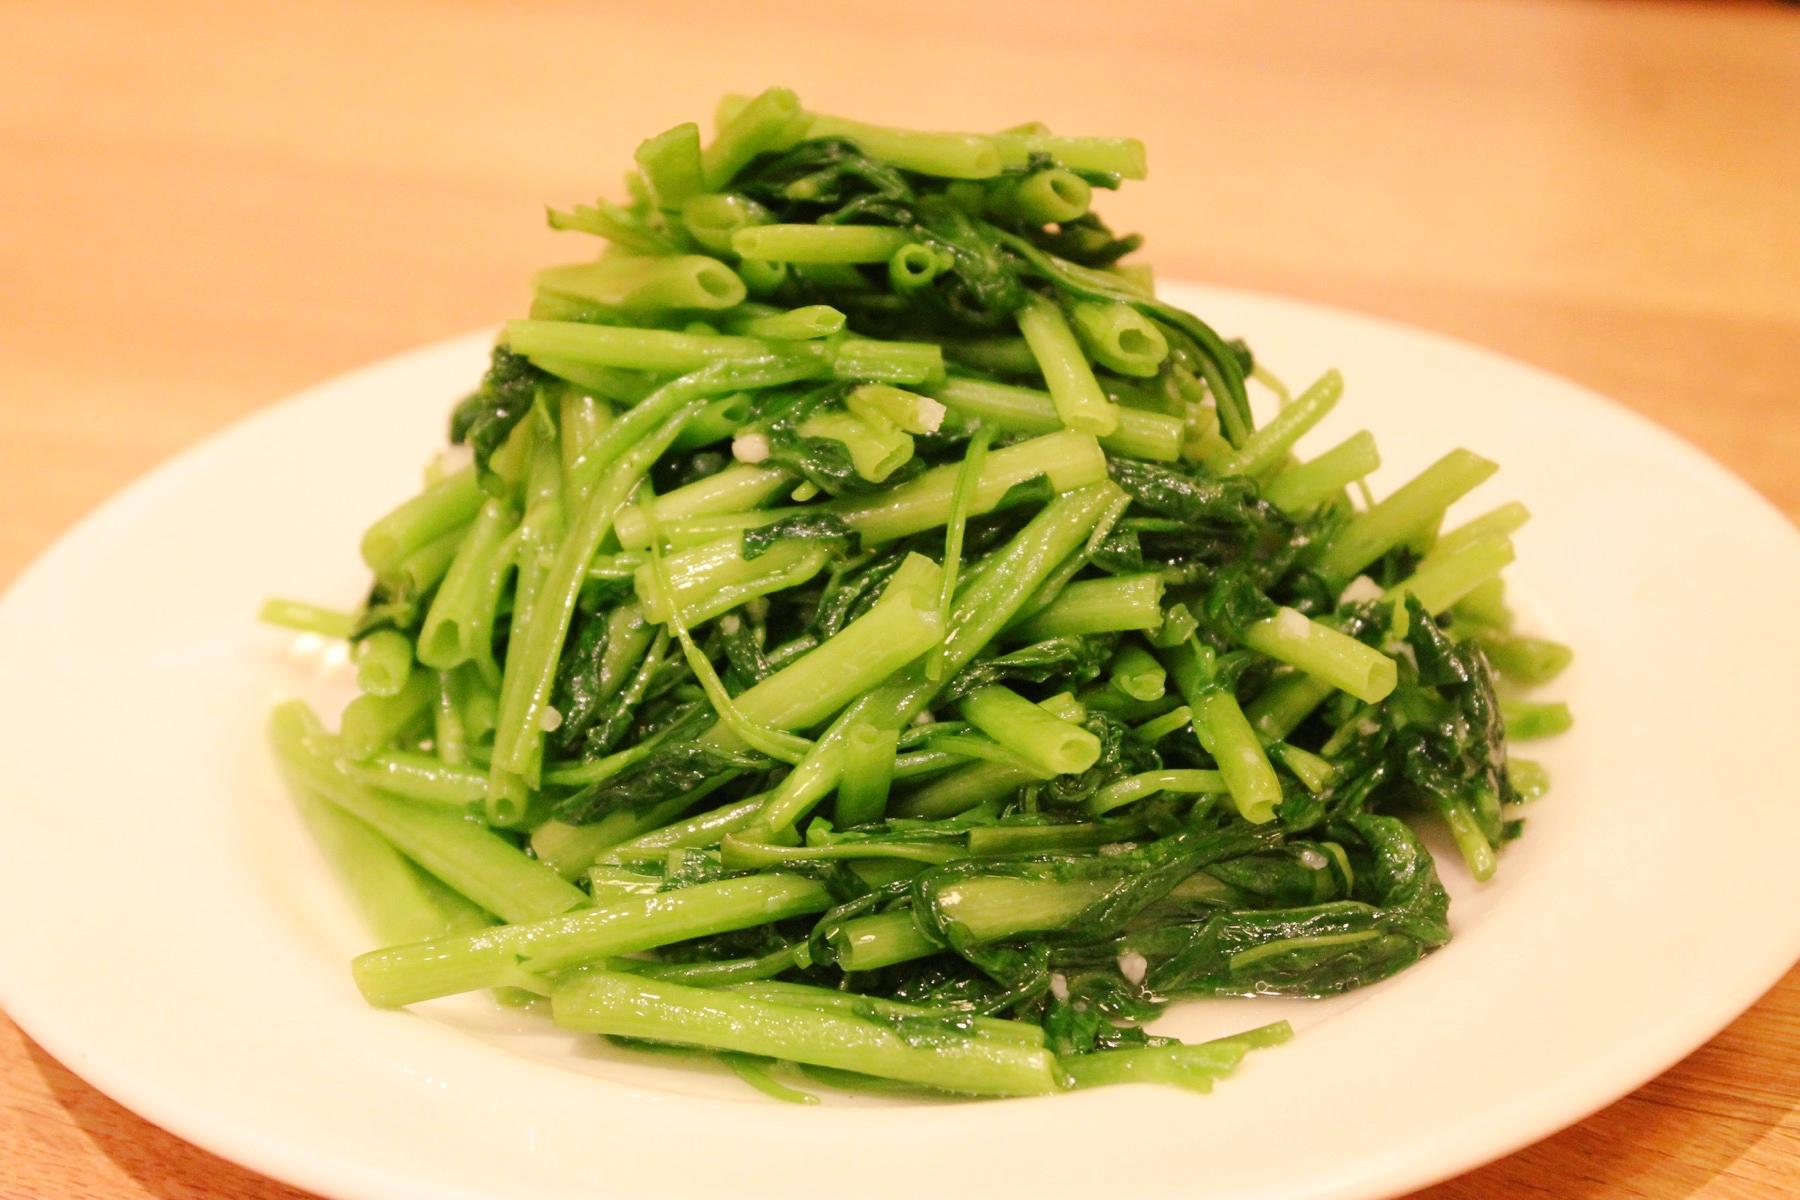 鼎泰豊の空芯菜